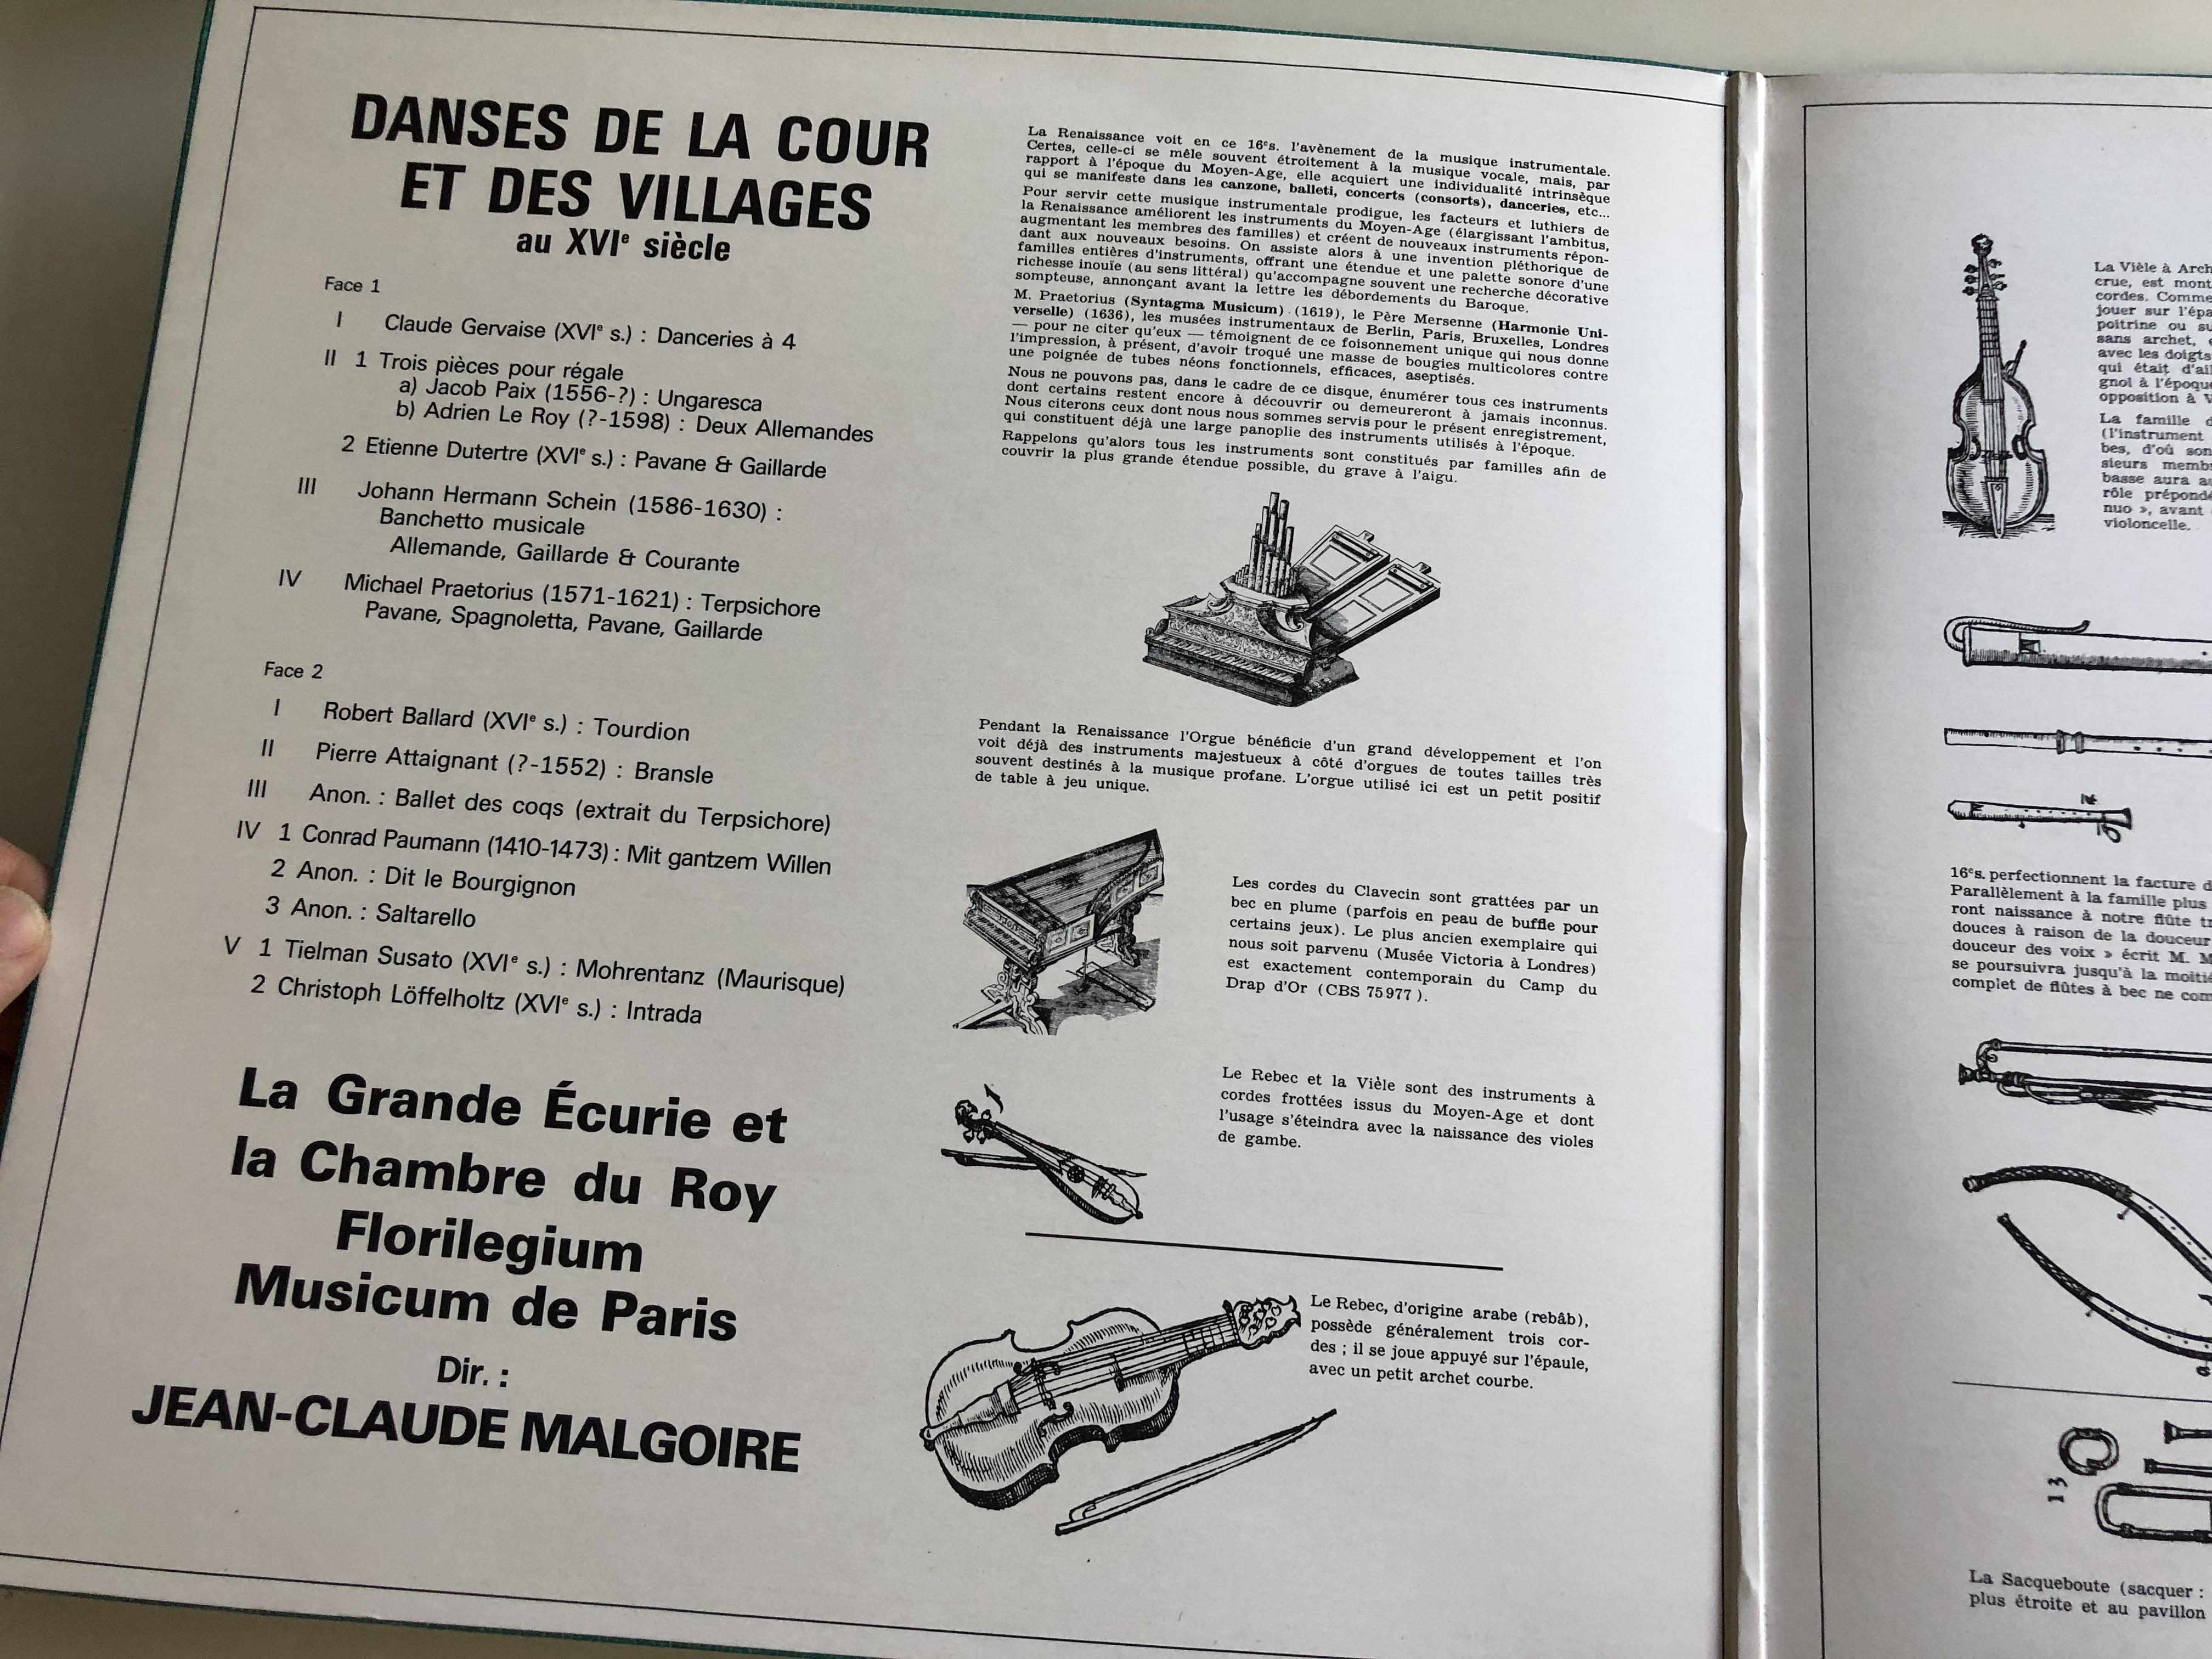 danses-de-la-cour-et-des-villages-au-xvi-si-cle-la-grande-ecurie-et-la-chambre-du-roy-florilegium-musicum-de-paris-conducted-jean-claude-malgoire-cbs-lp-stereo-cbs-76183.jpg